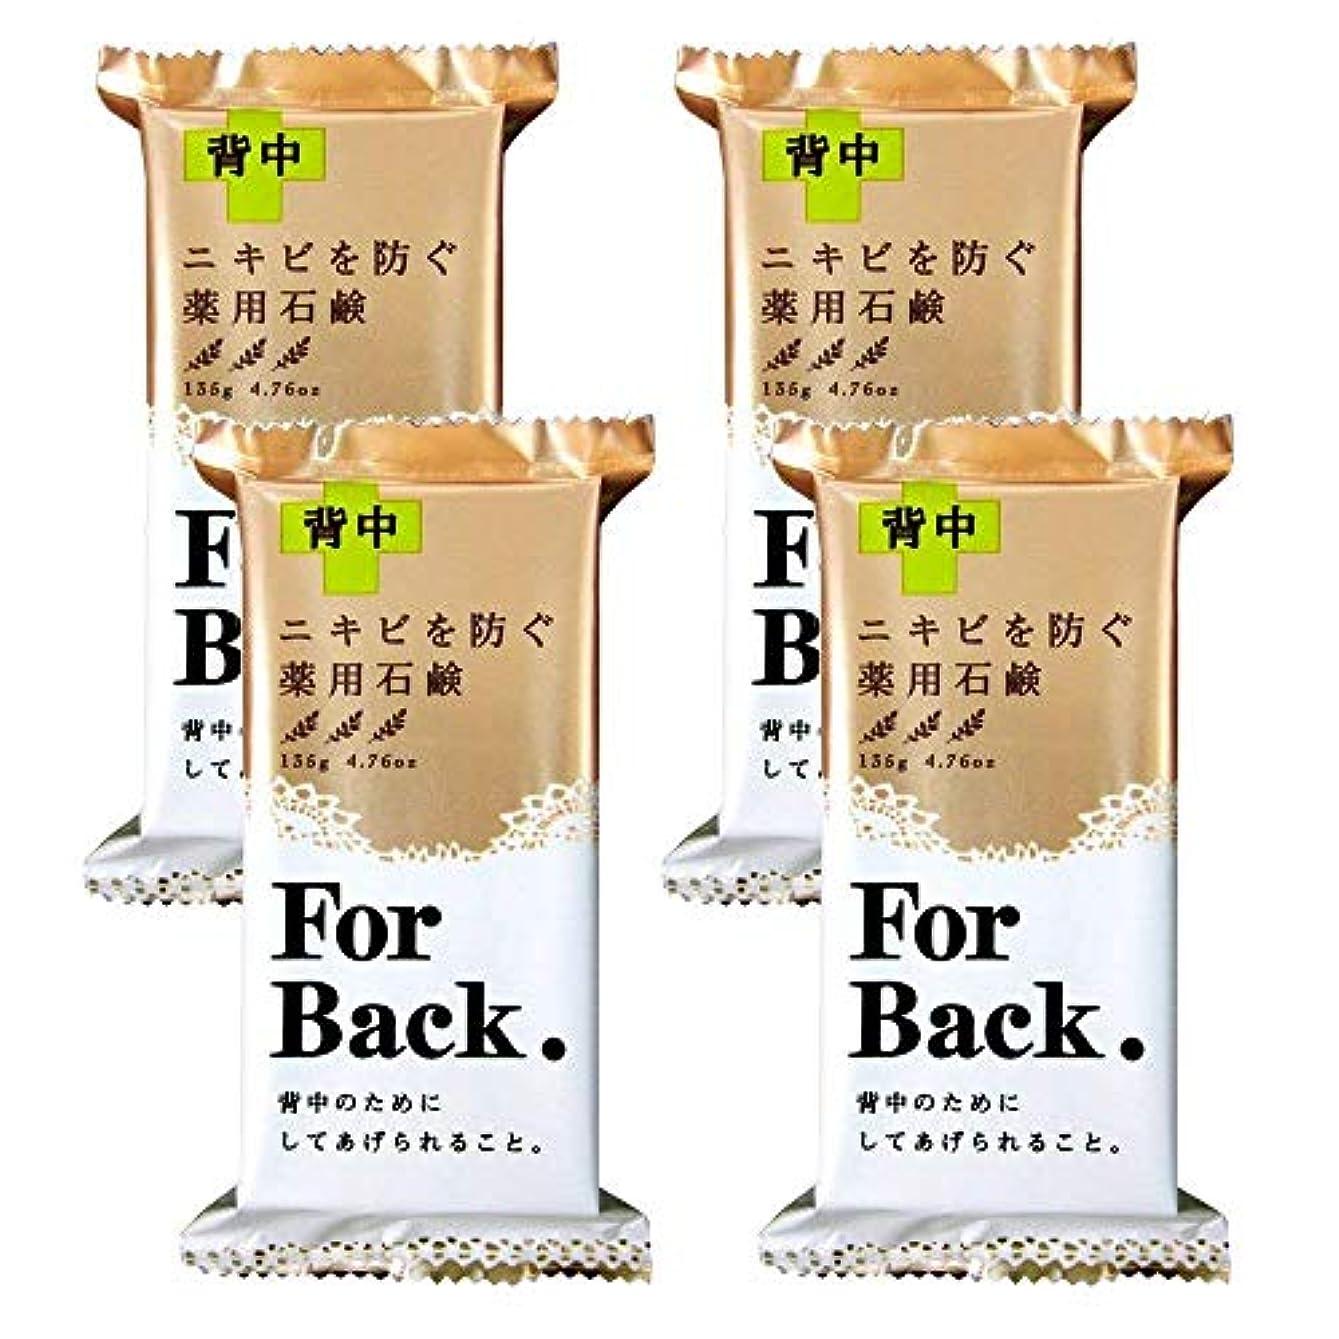 ホラーソブリケット特徴薬用石鹸 ForBack 135g×4個セット